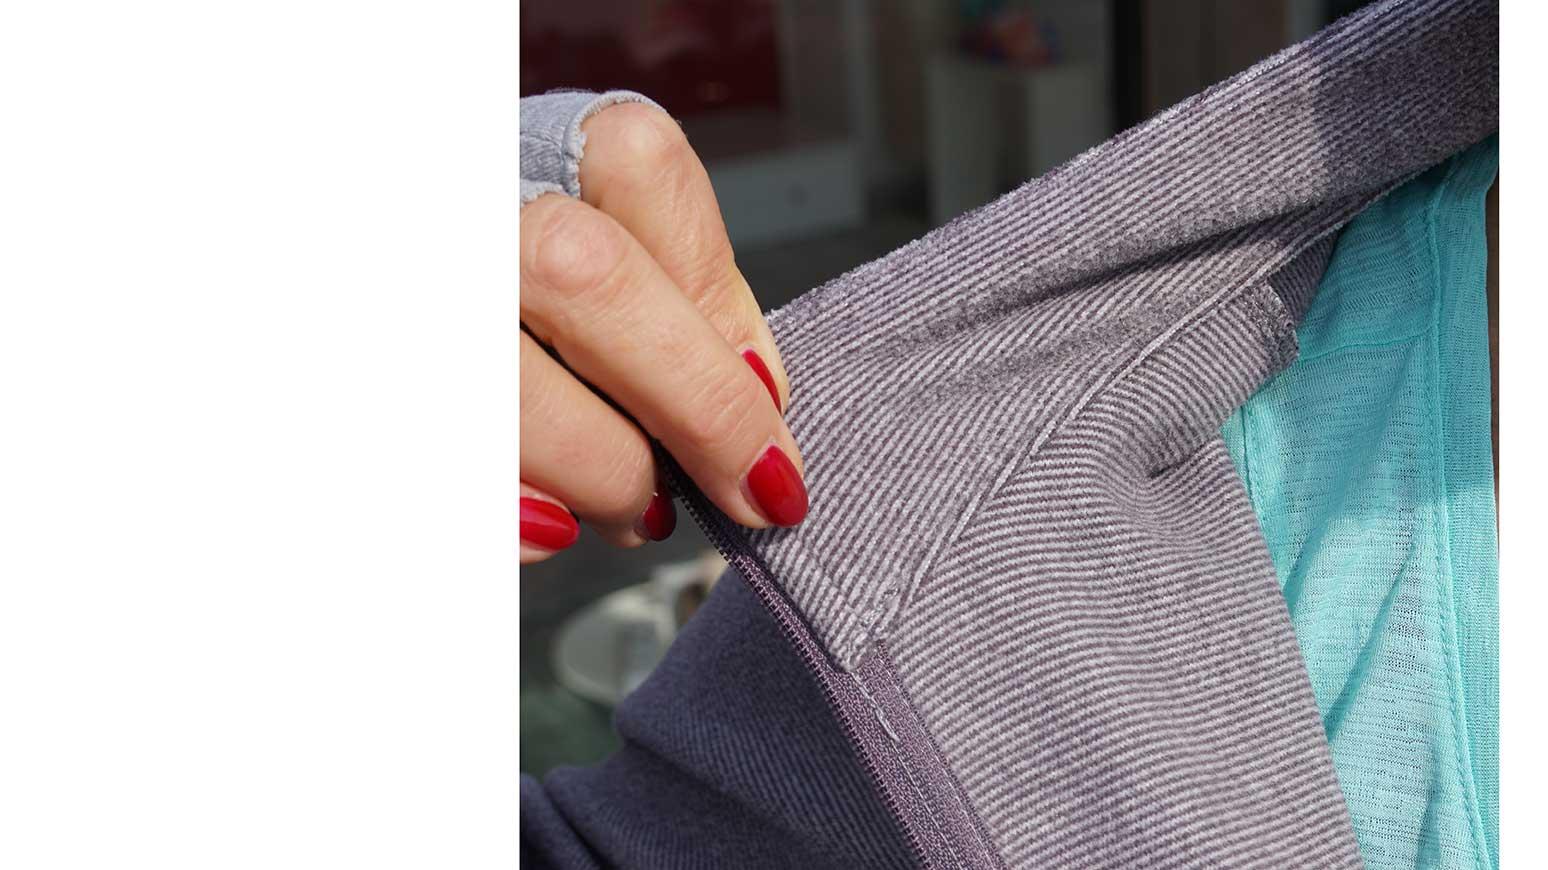 Shimano Transit Fleece Jersey - innen leicht aufgeraut für wohlige Wärme und angenehmes Gefühl auf der Haut.